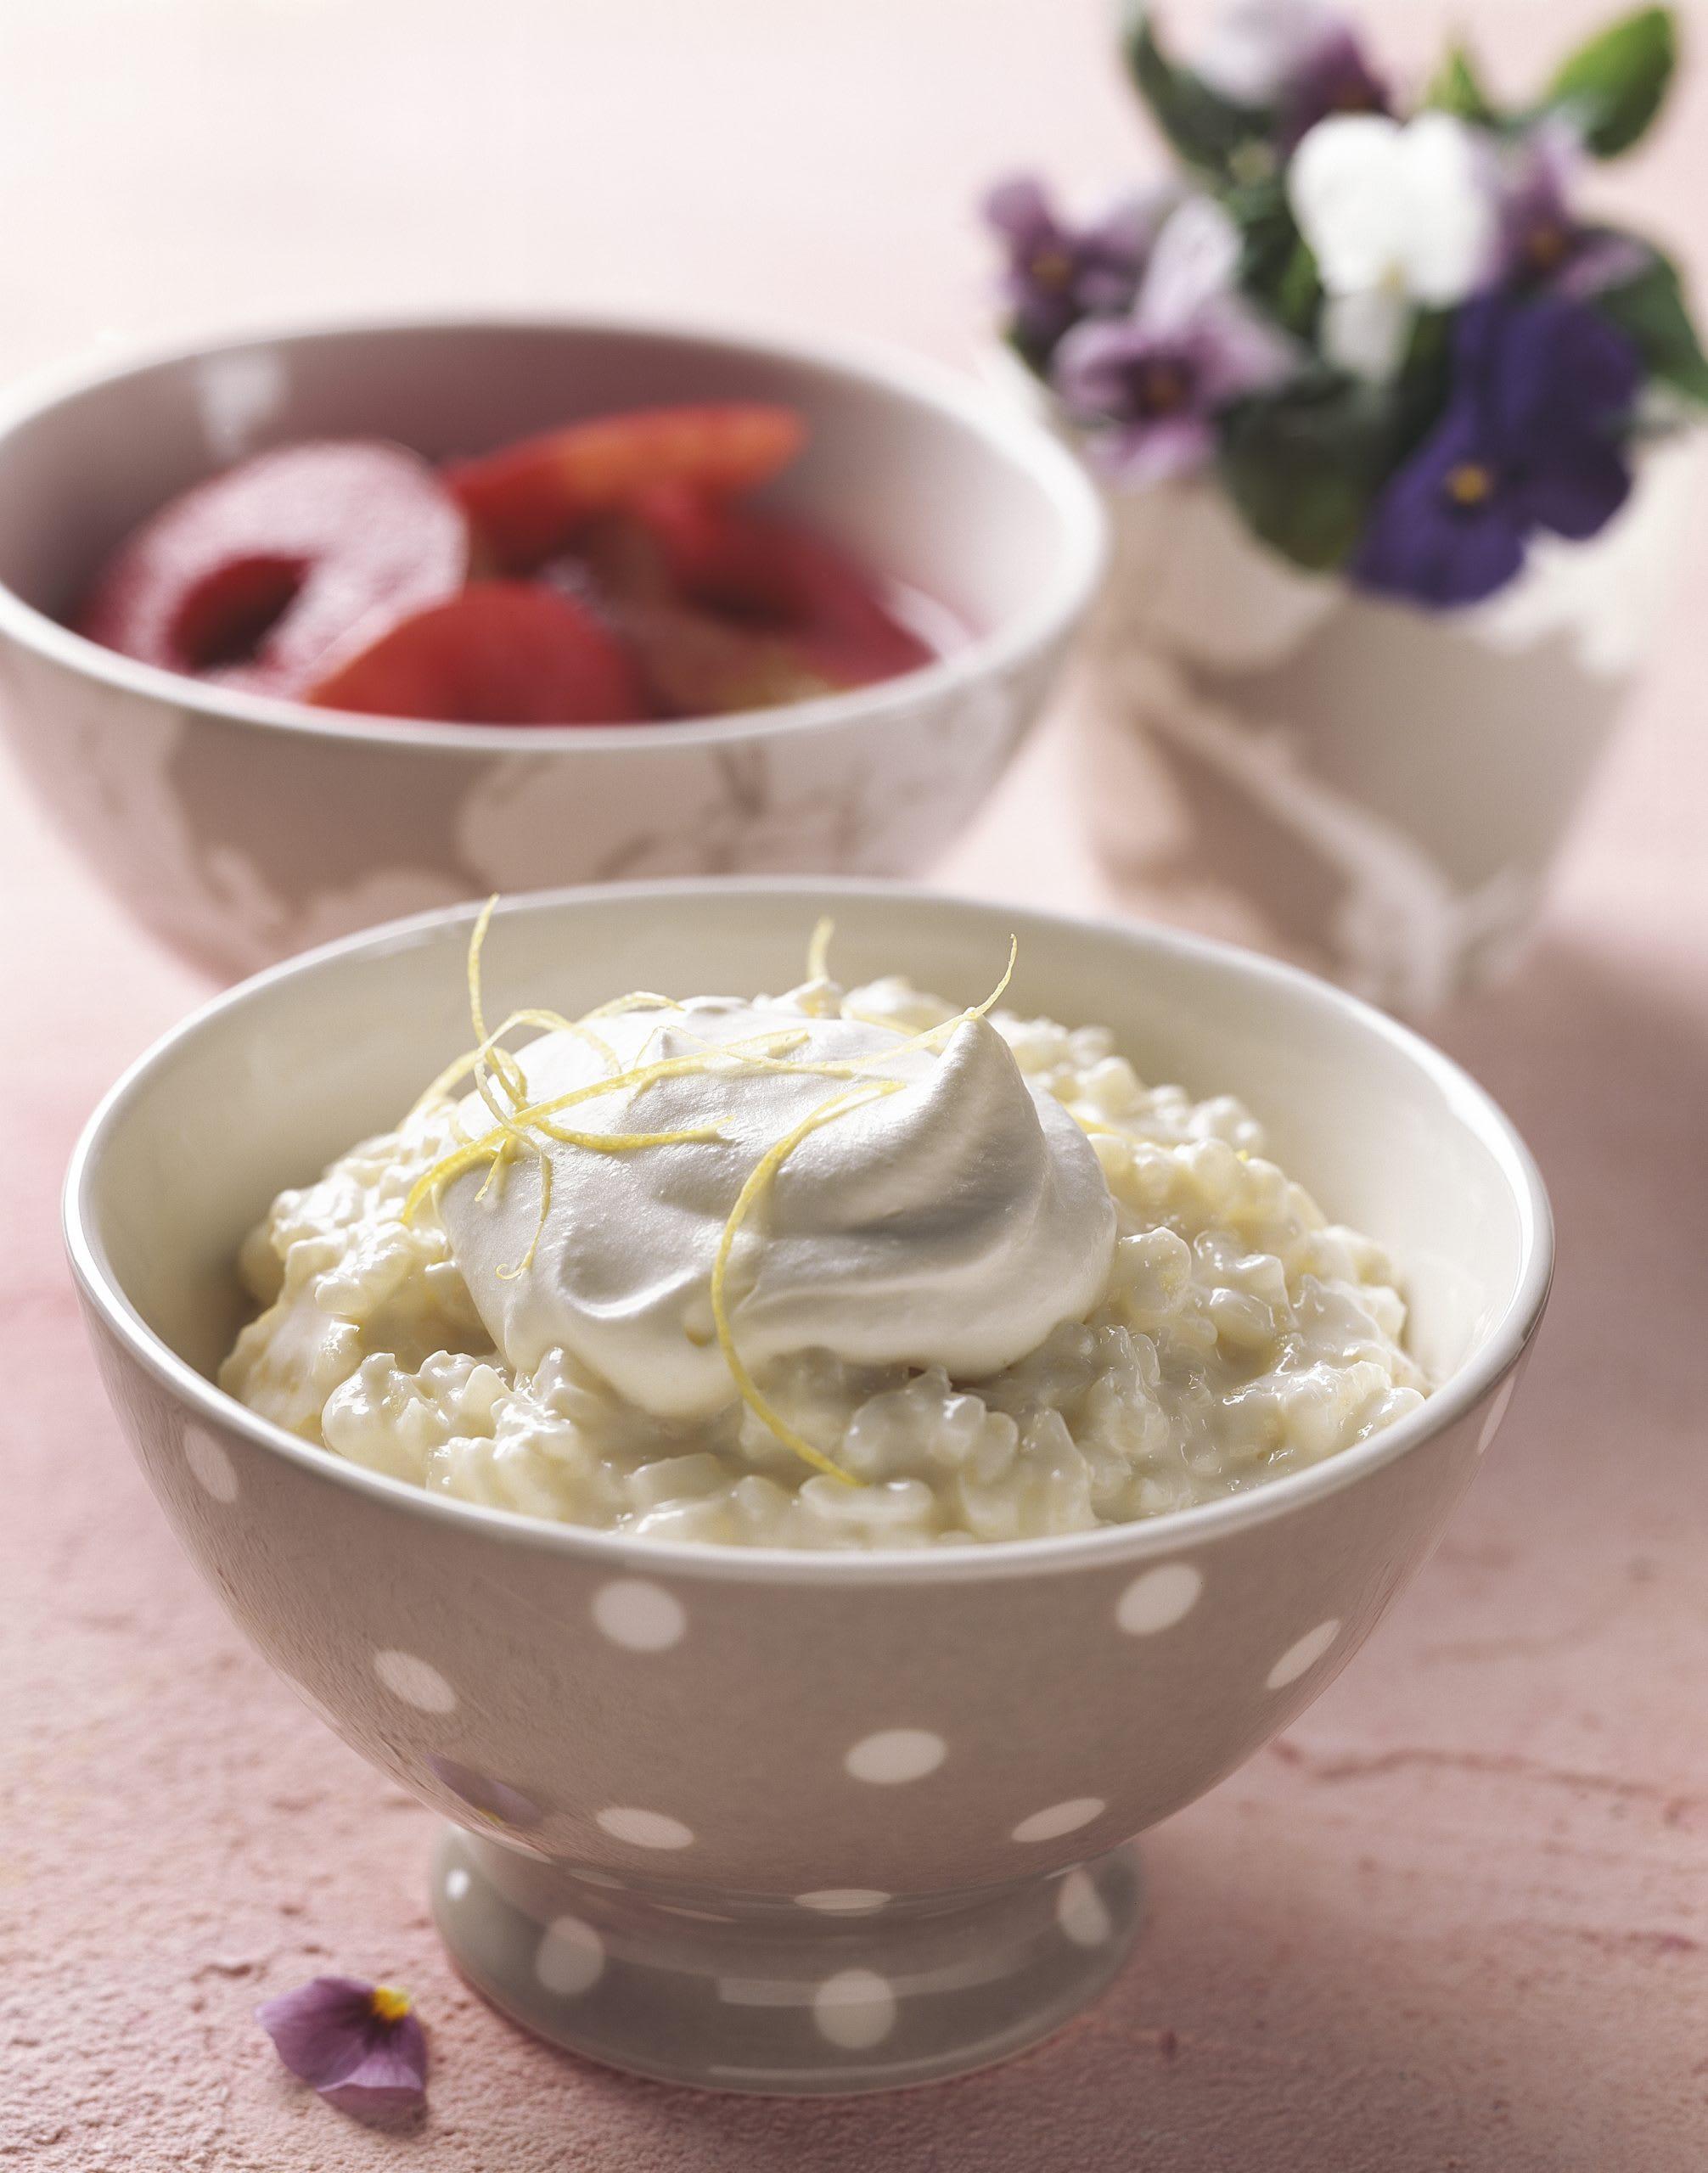 Riz au lait au gingembre et rondelles de pomme